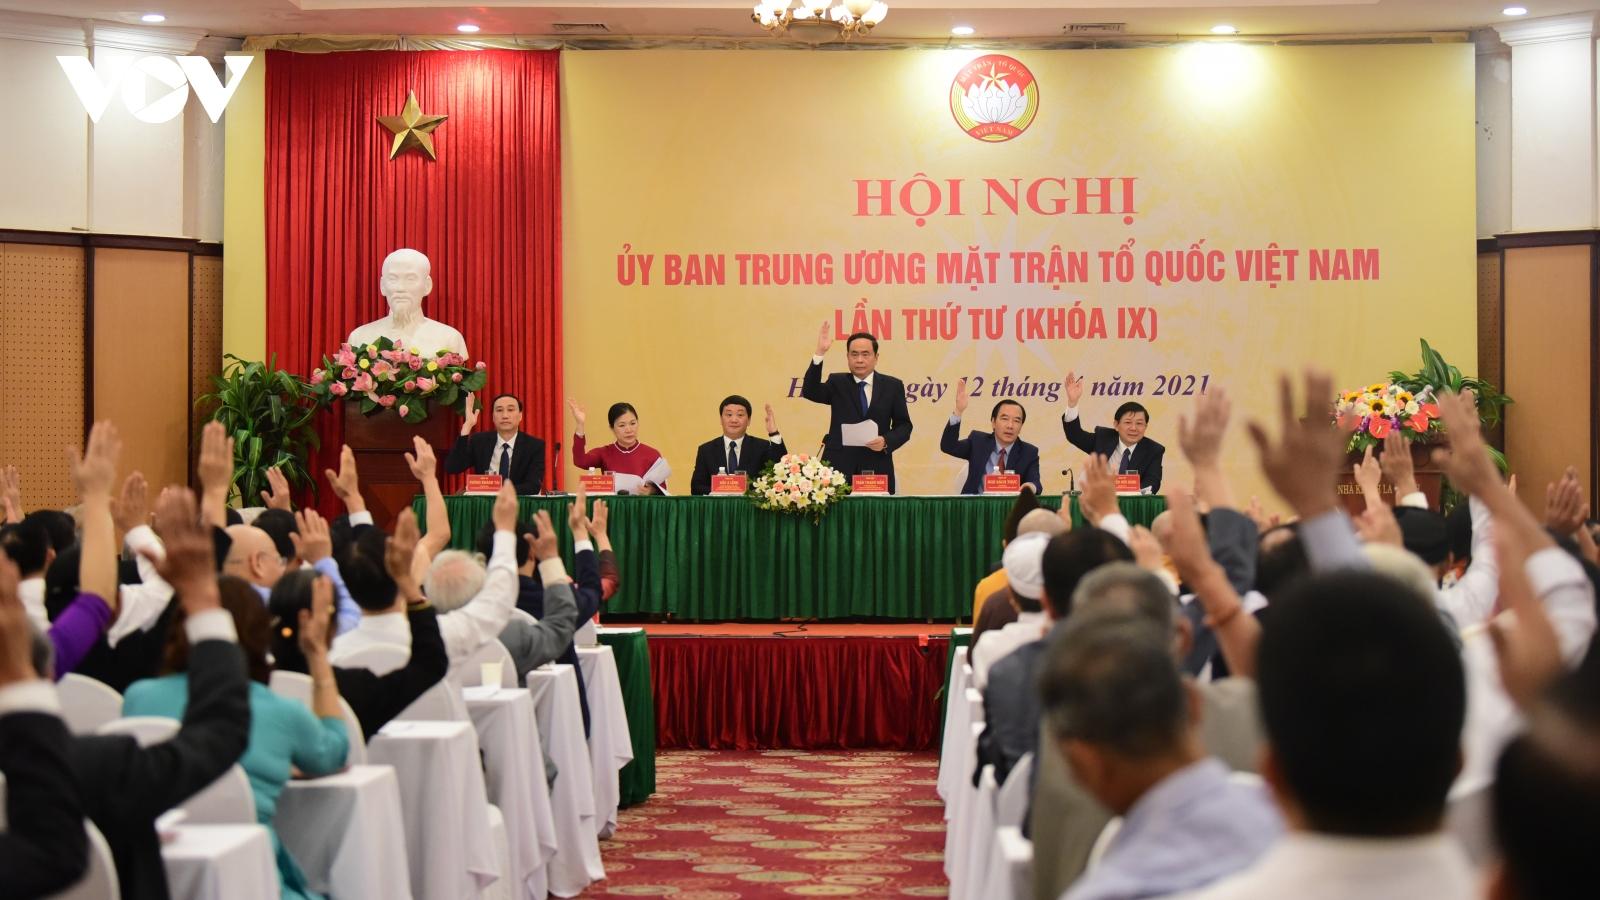 Bộ máy lãnh đạo Uỷ ban Trung ương MTTQ Việt Nam khoá IX sau Hội nghị lần thứ tư